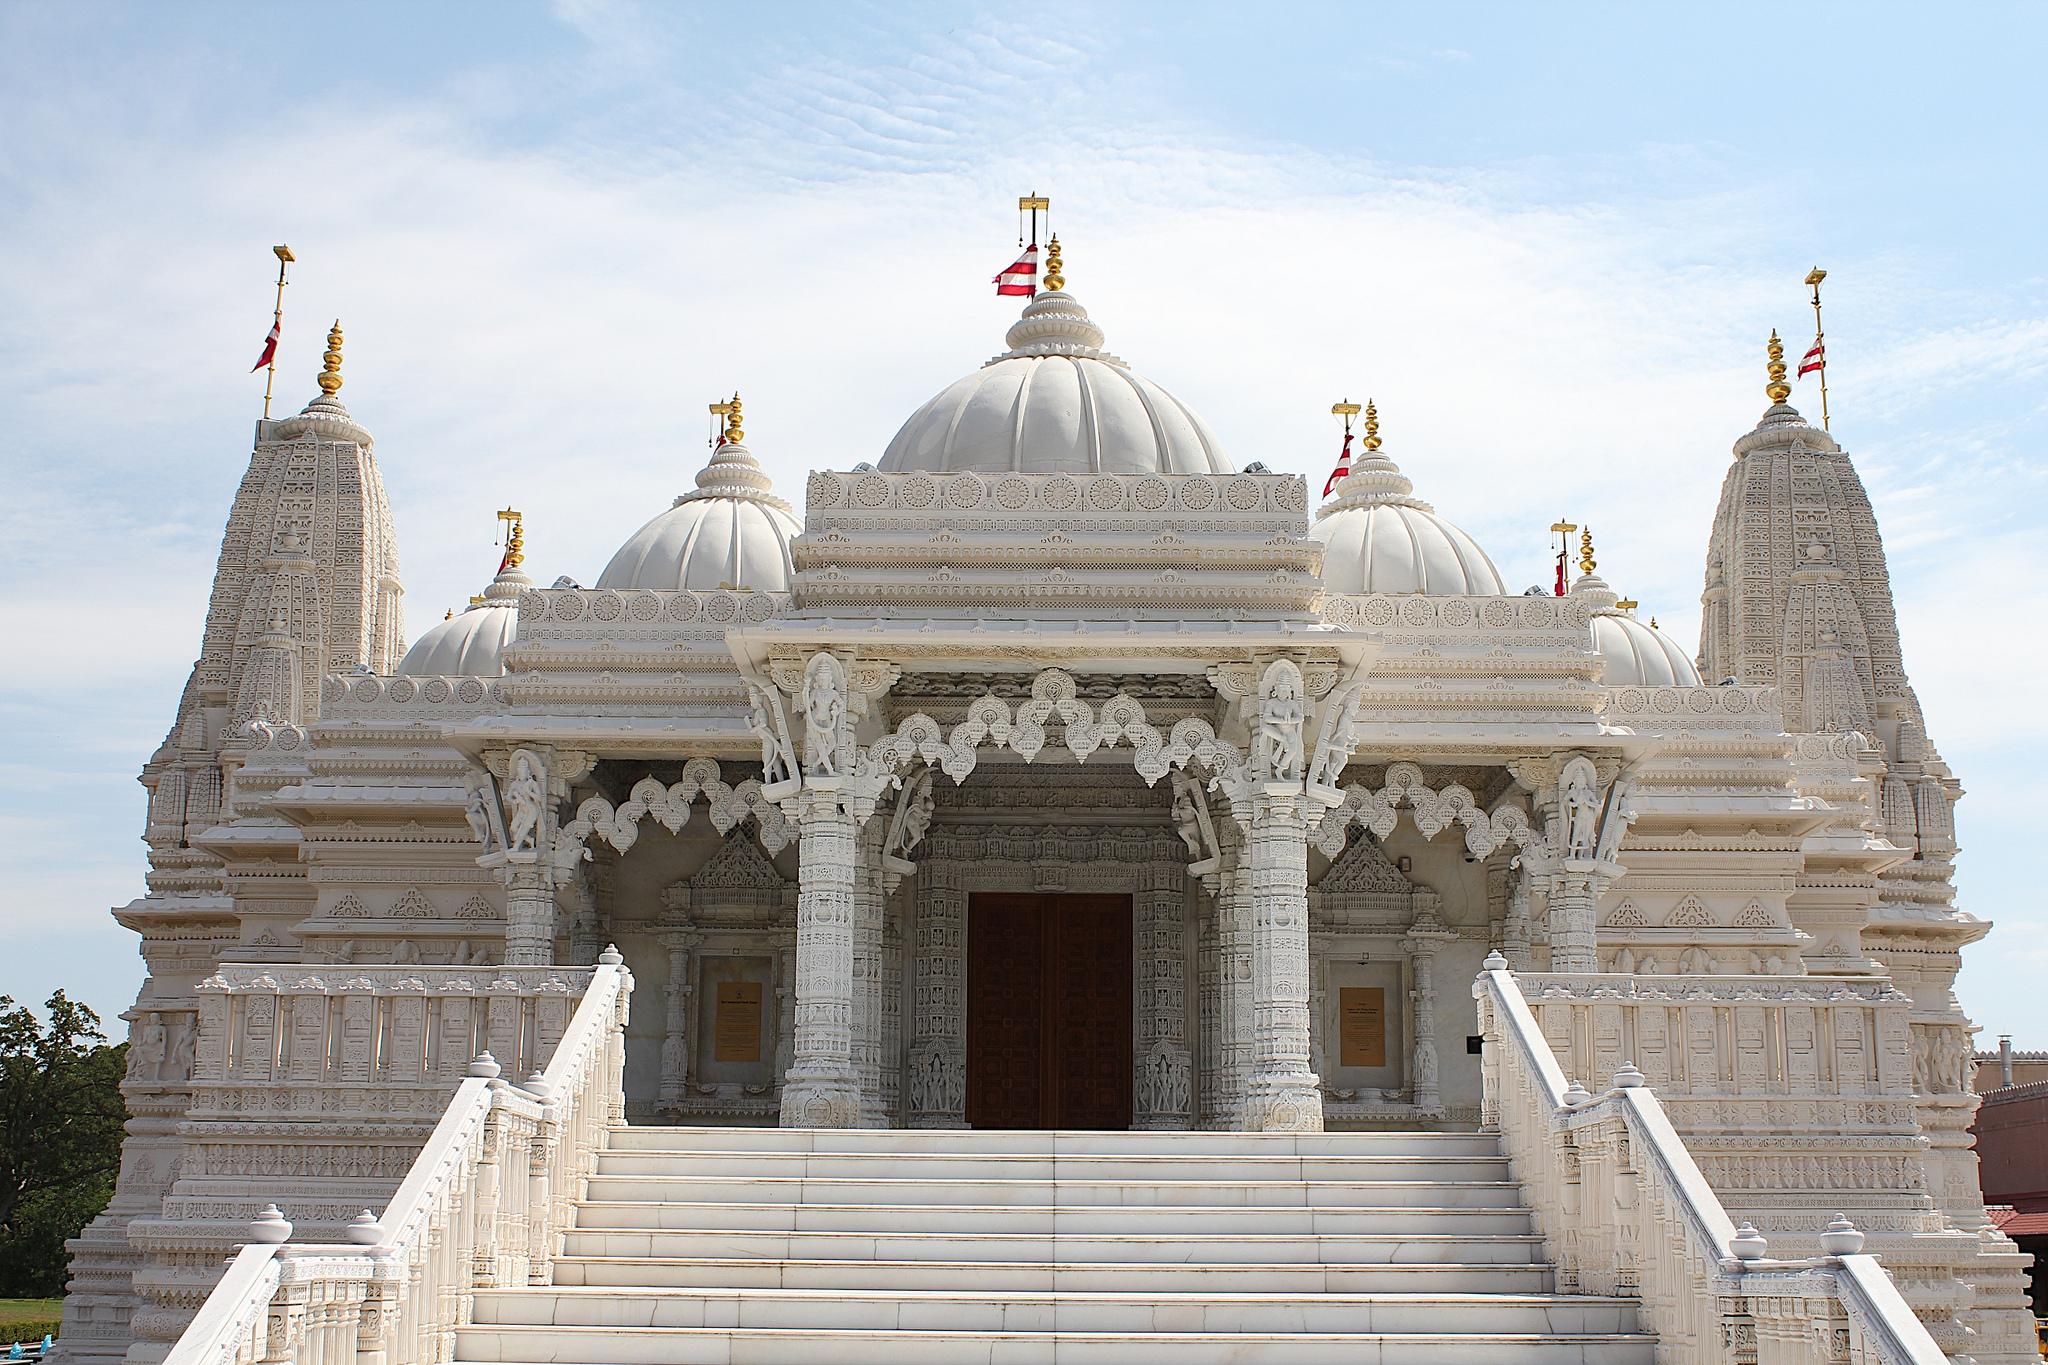 Индуистский Храм Шри Сваминараян, Лондон, Англия. Автор фото: Kristina D.C. Hoeppner